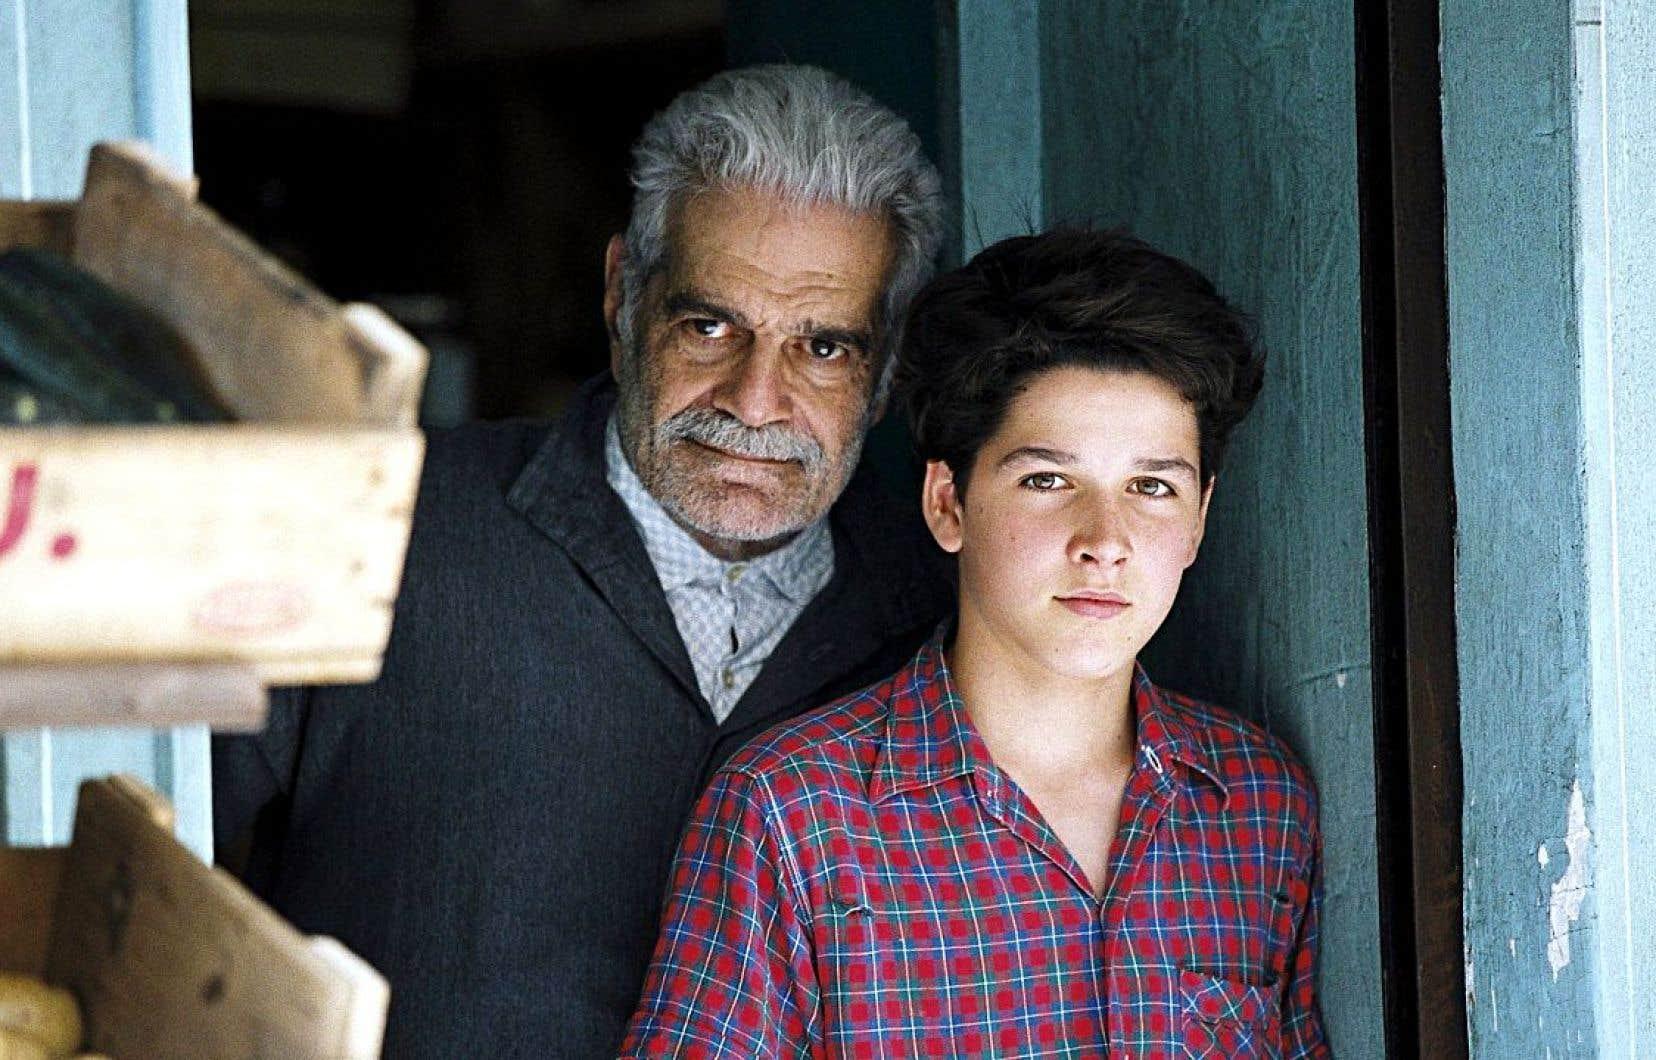 Le regretté Omar Sharif et Pierre Boulanger dans «Monsieur Ibrahim et les fleurs du Coran», film adapté par François Dupeyron